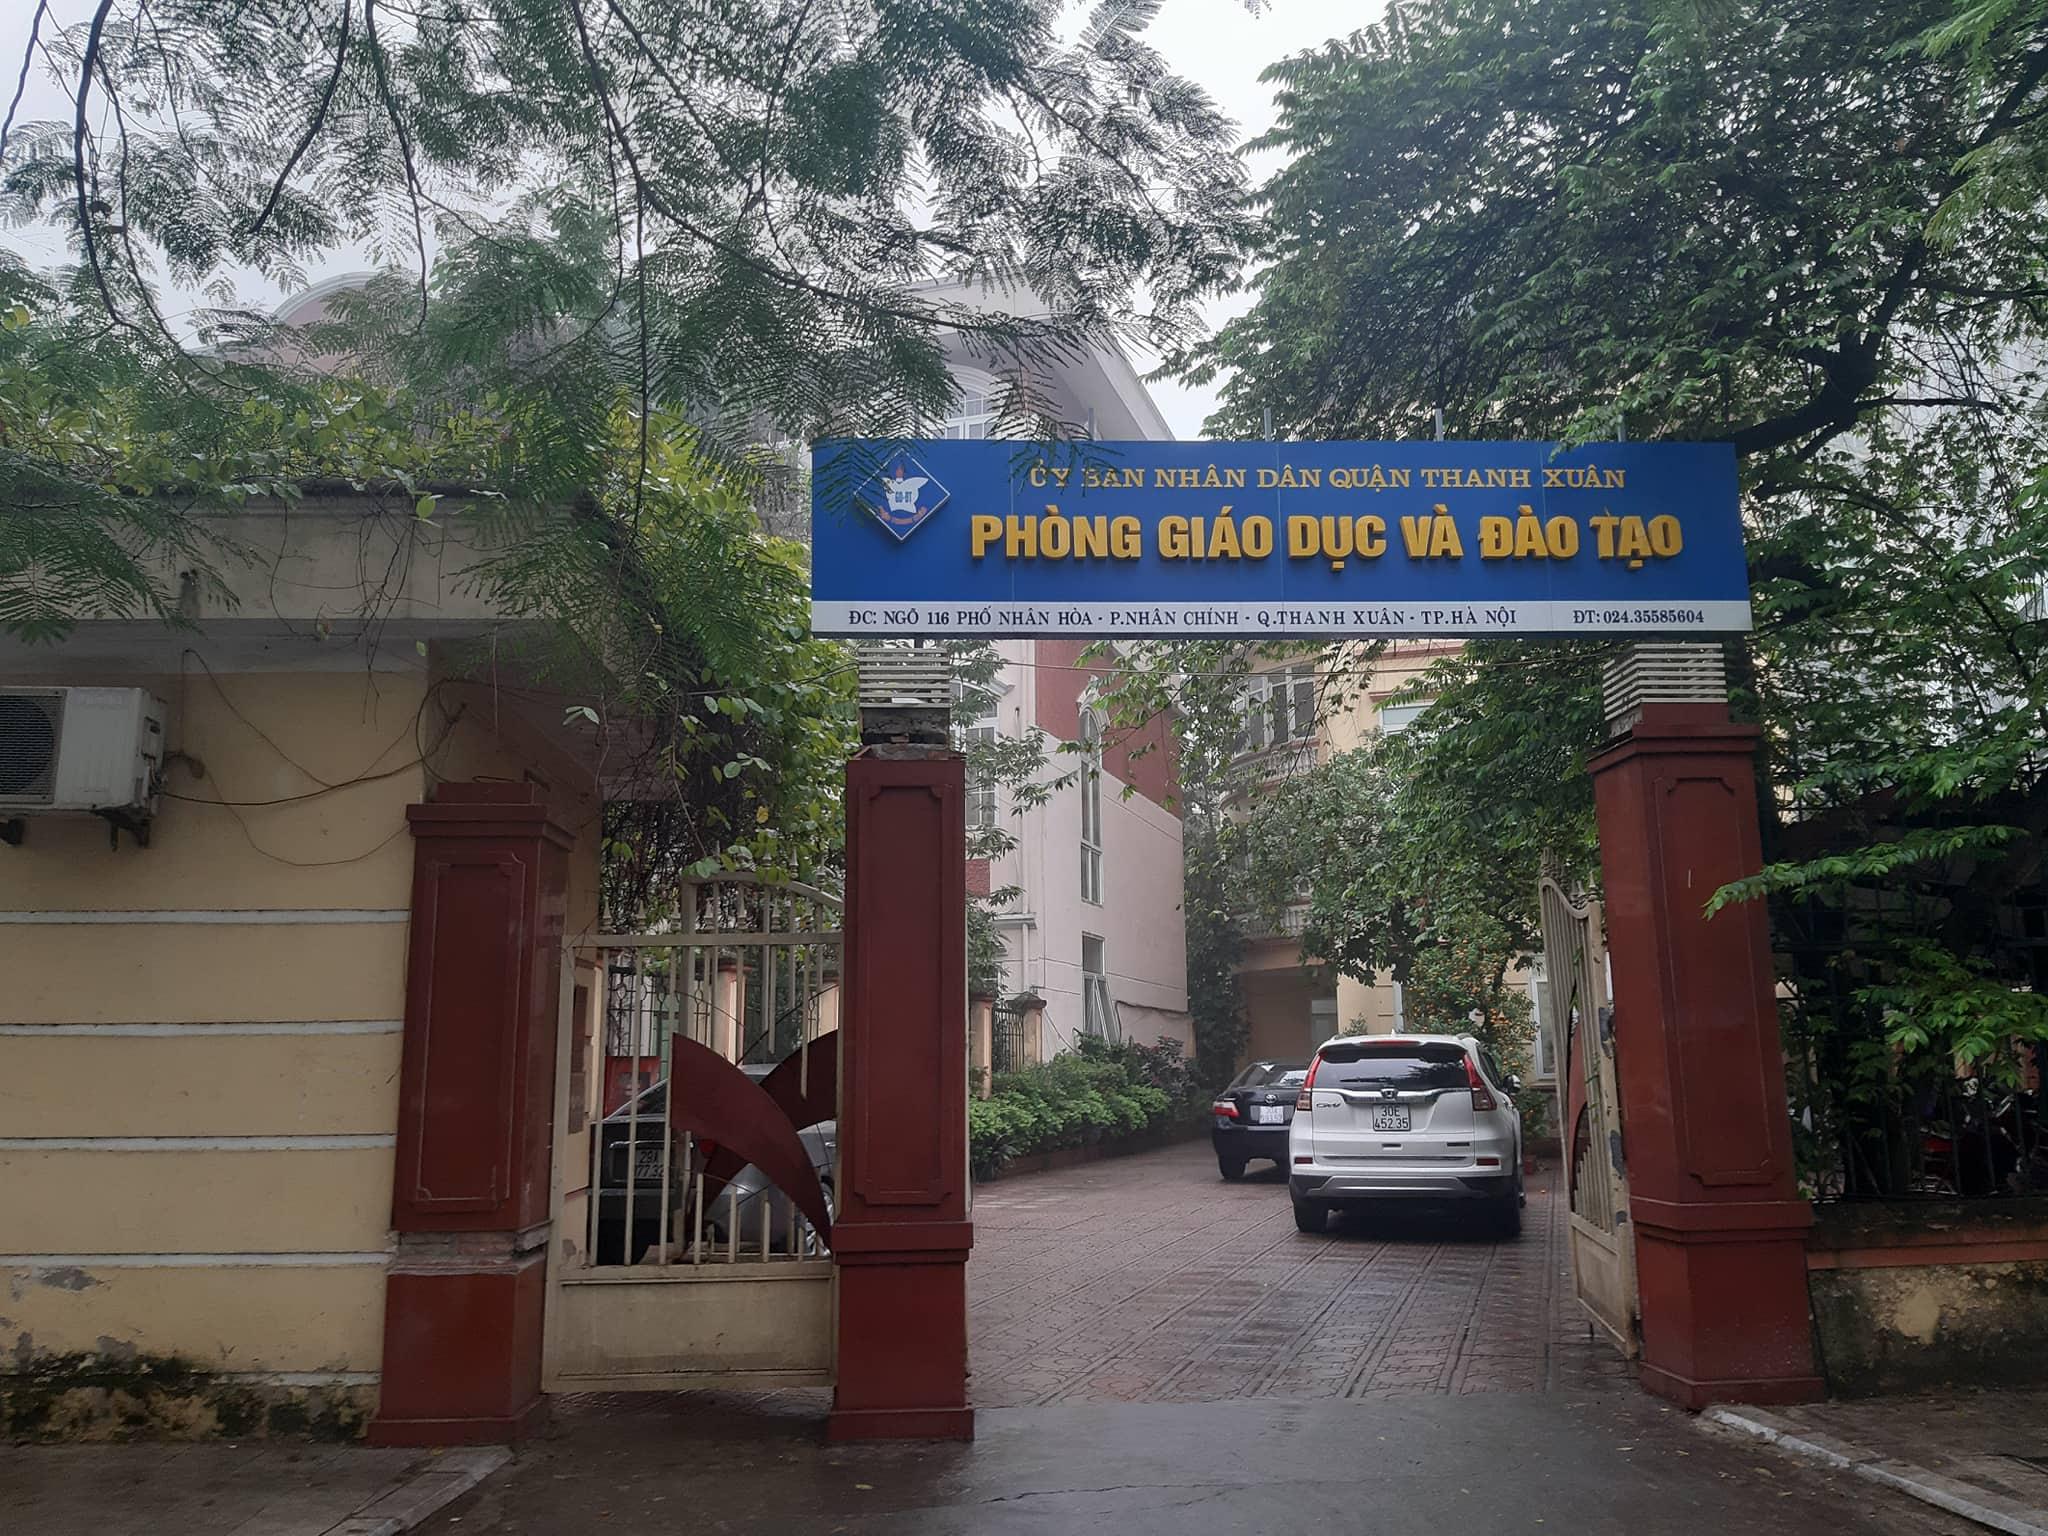 Phòng GD-ĐT quận Thanh Xuân ra đề thi khó khiến 3.000 học sinh phải thi lại